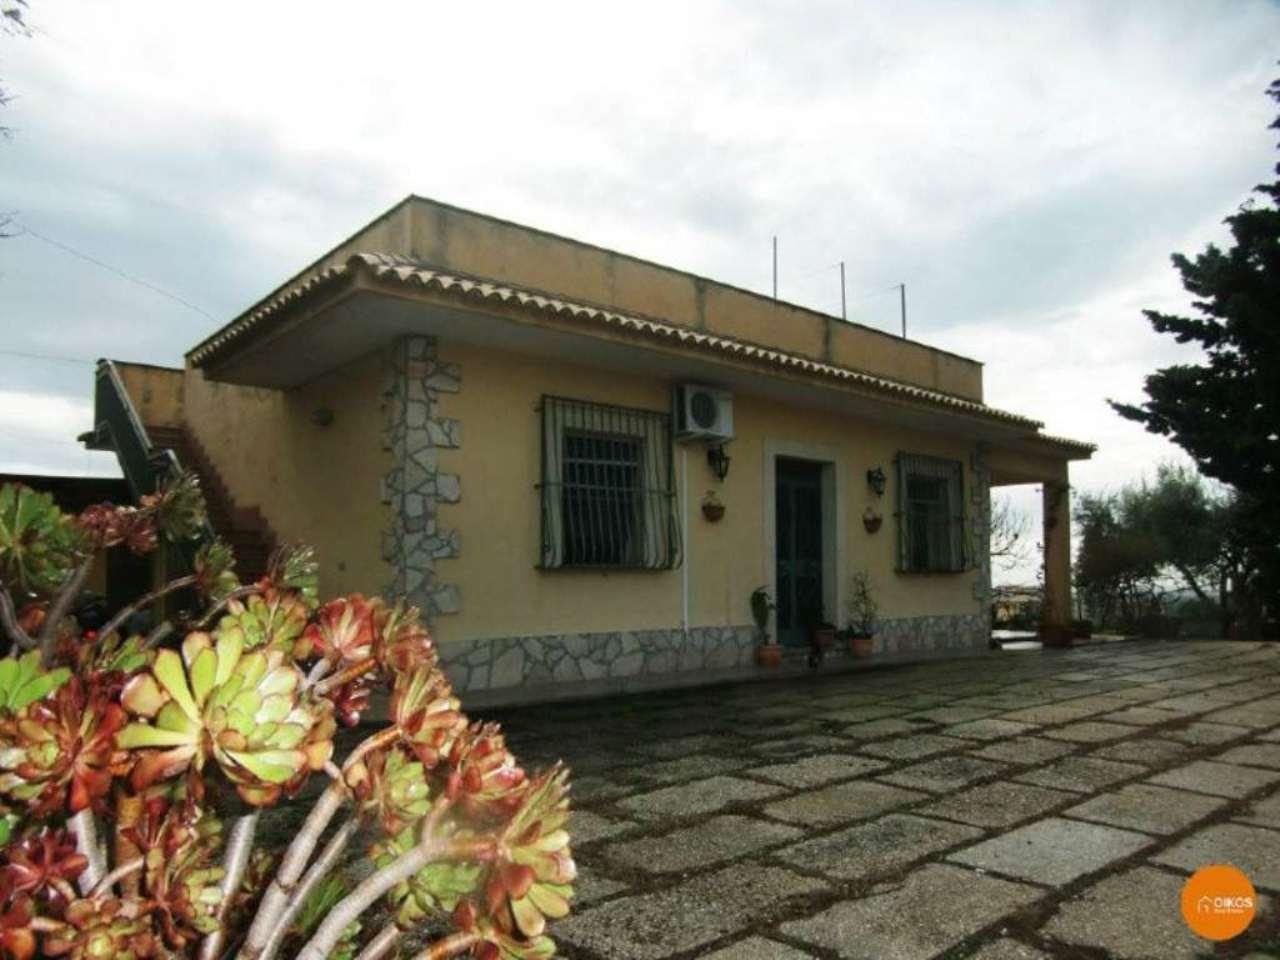 Villa in vendita a Noto, 5 locali, prezzo € 180.000 | Cambio Casa.it